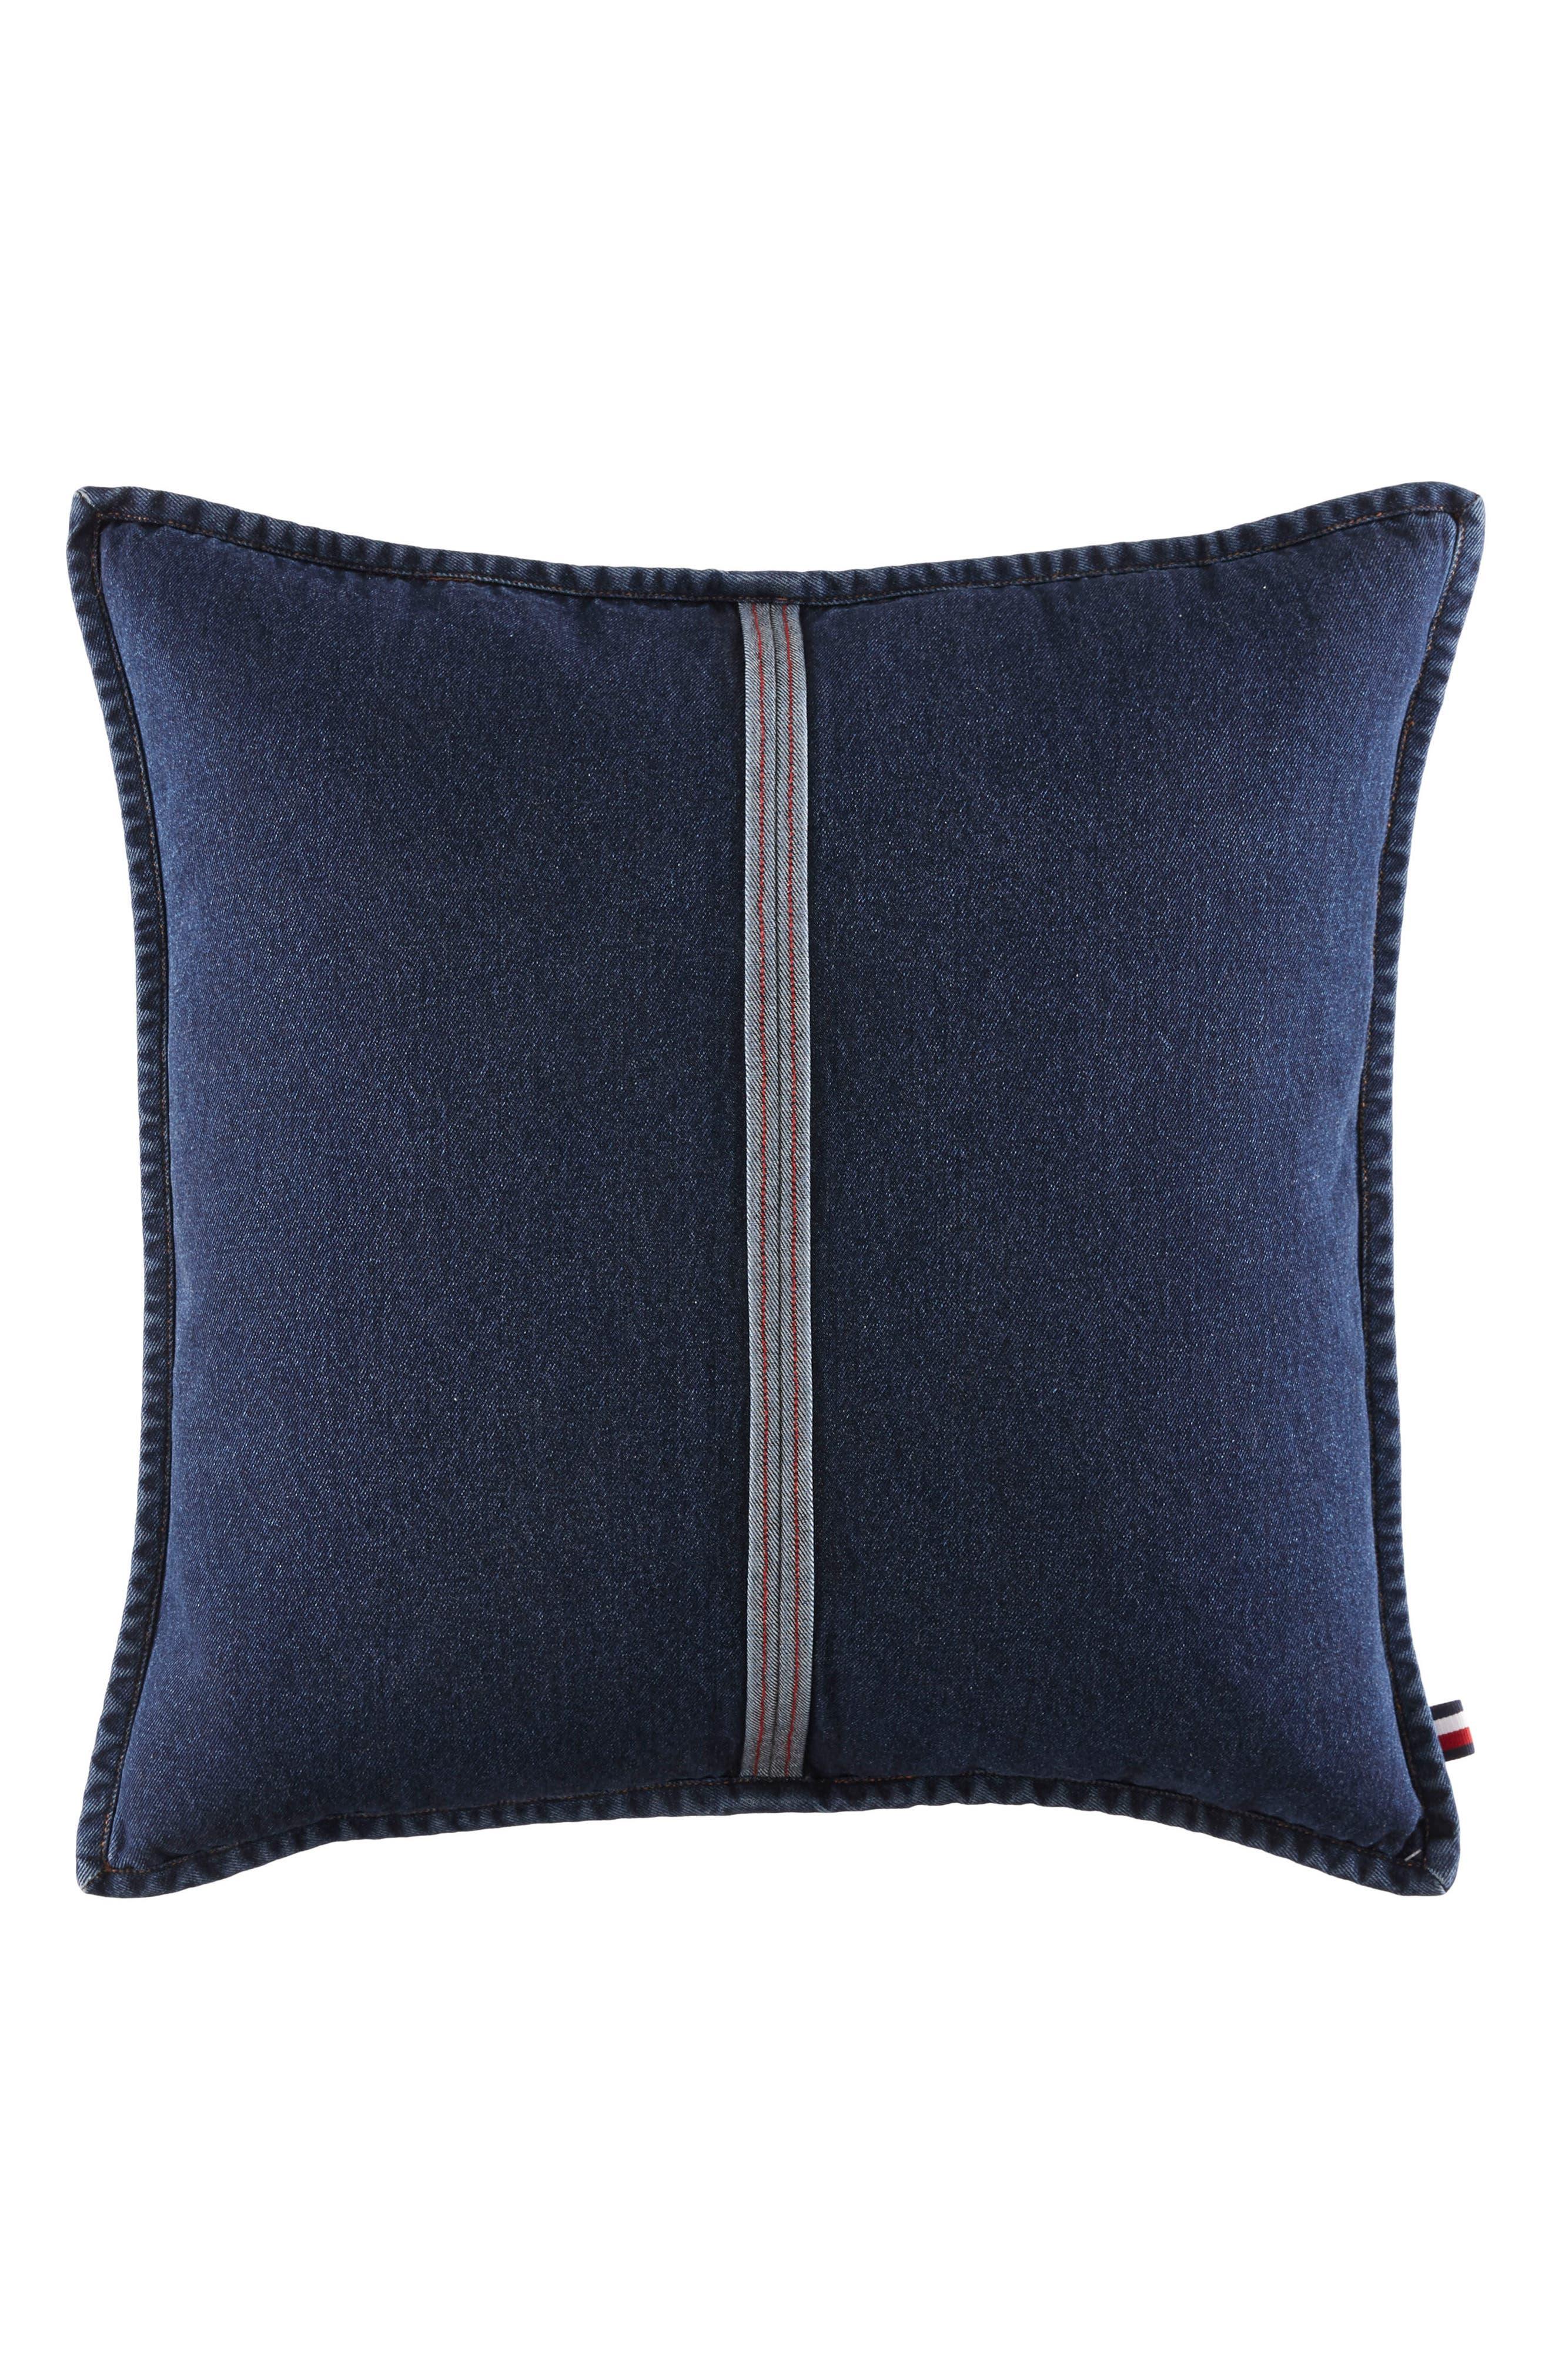 Selvage Stripe Denim Accent Pillow,                         Main,                         color, Denim Blue